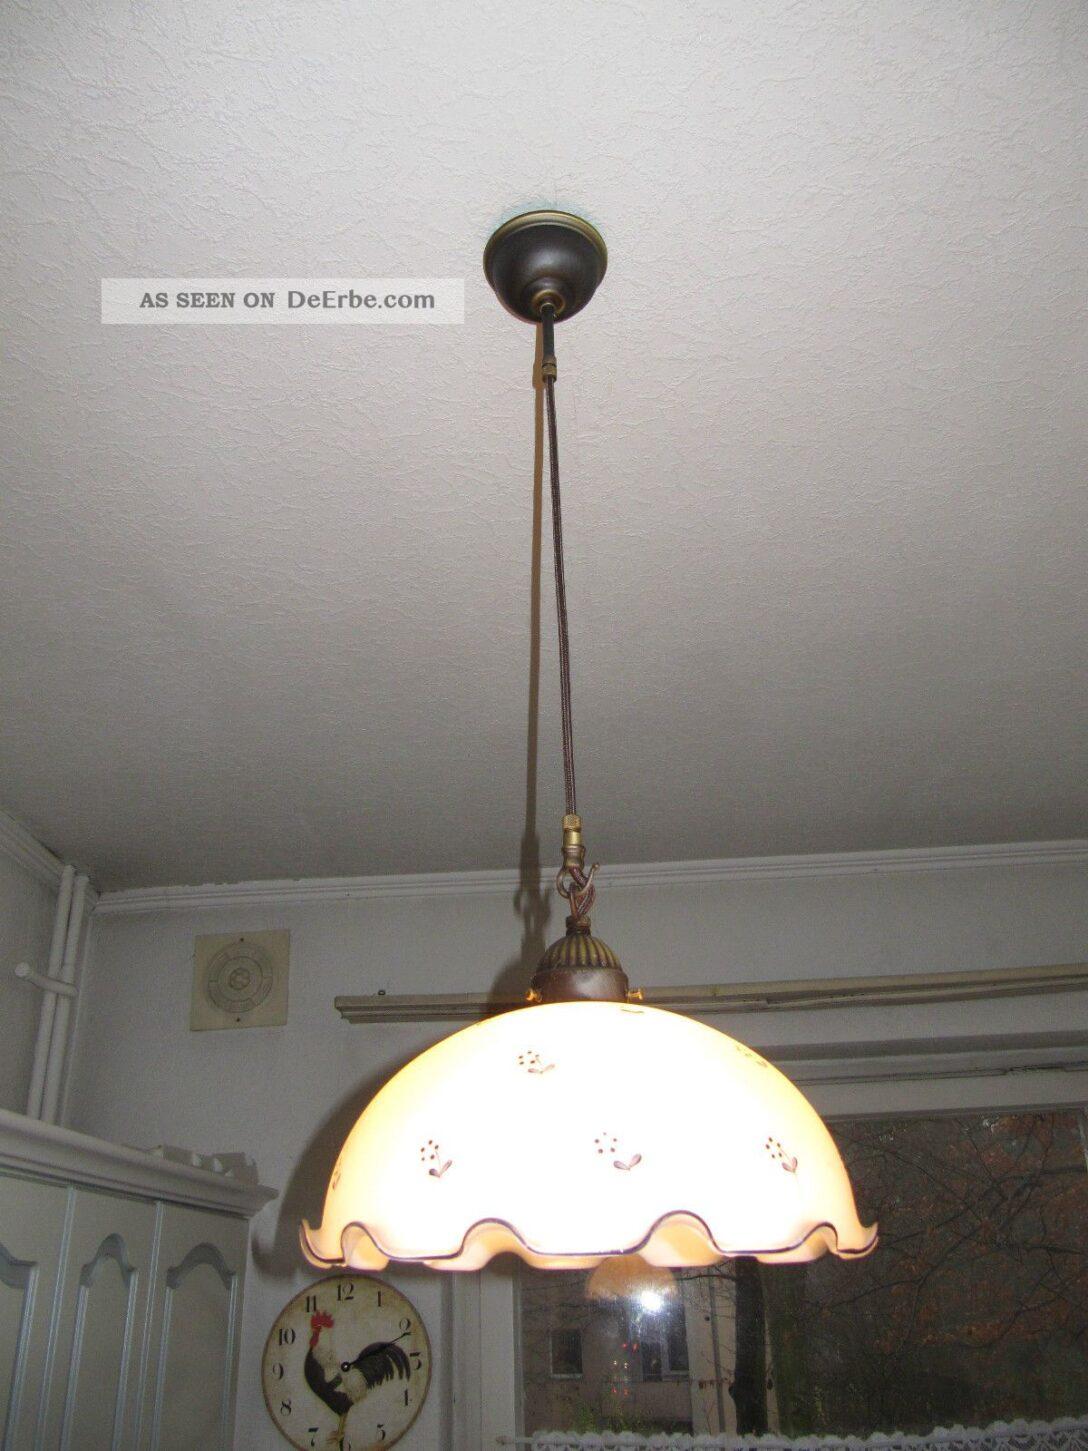 Large Size of Mobiliar Interieur Antiquitten Schlafzimmer Landhausstil Regal Bad Boxspring Bett Sofa Weiß Wohnzimmer Küche Betten Esstisch Wohnzimmer Küchenlampe Landhausstil